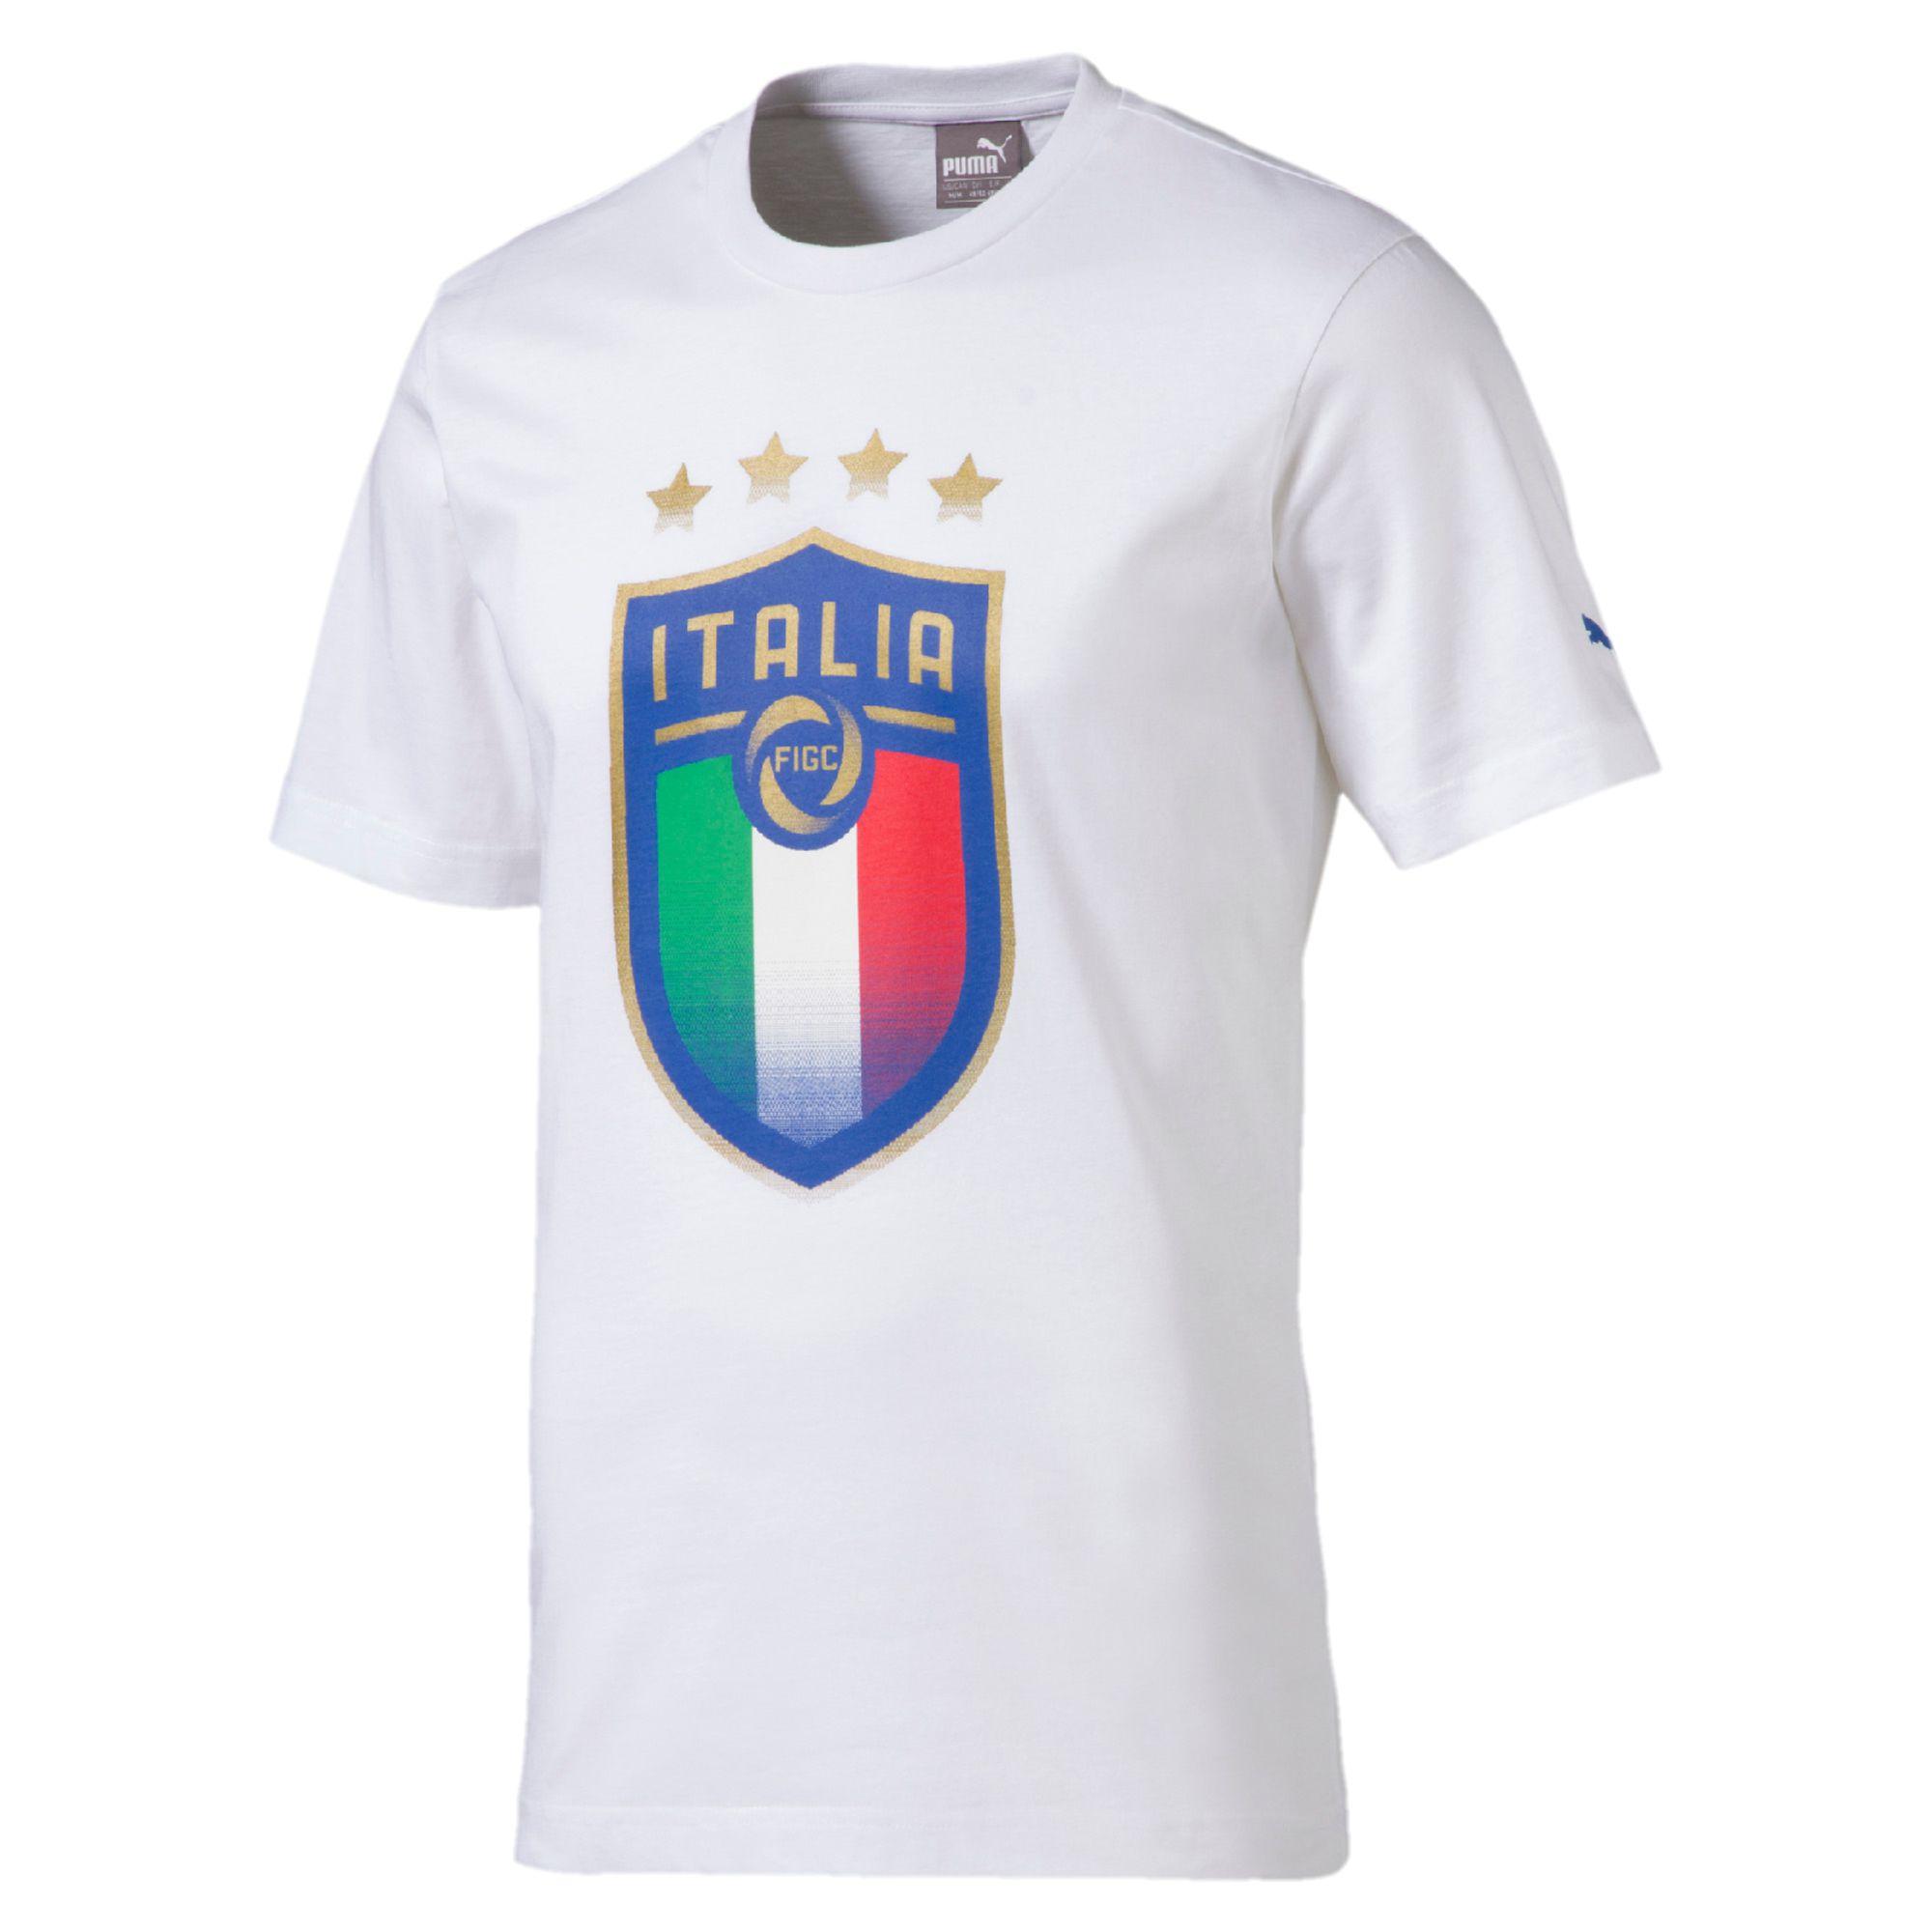 96a5713eb0e0 Italien Badge Tee 2018-19